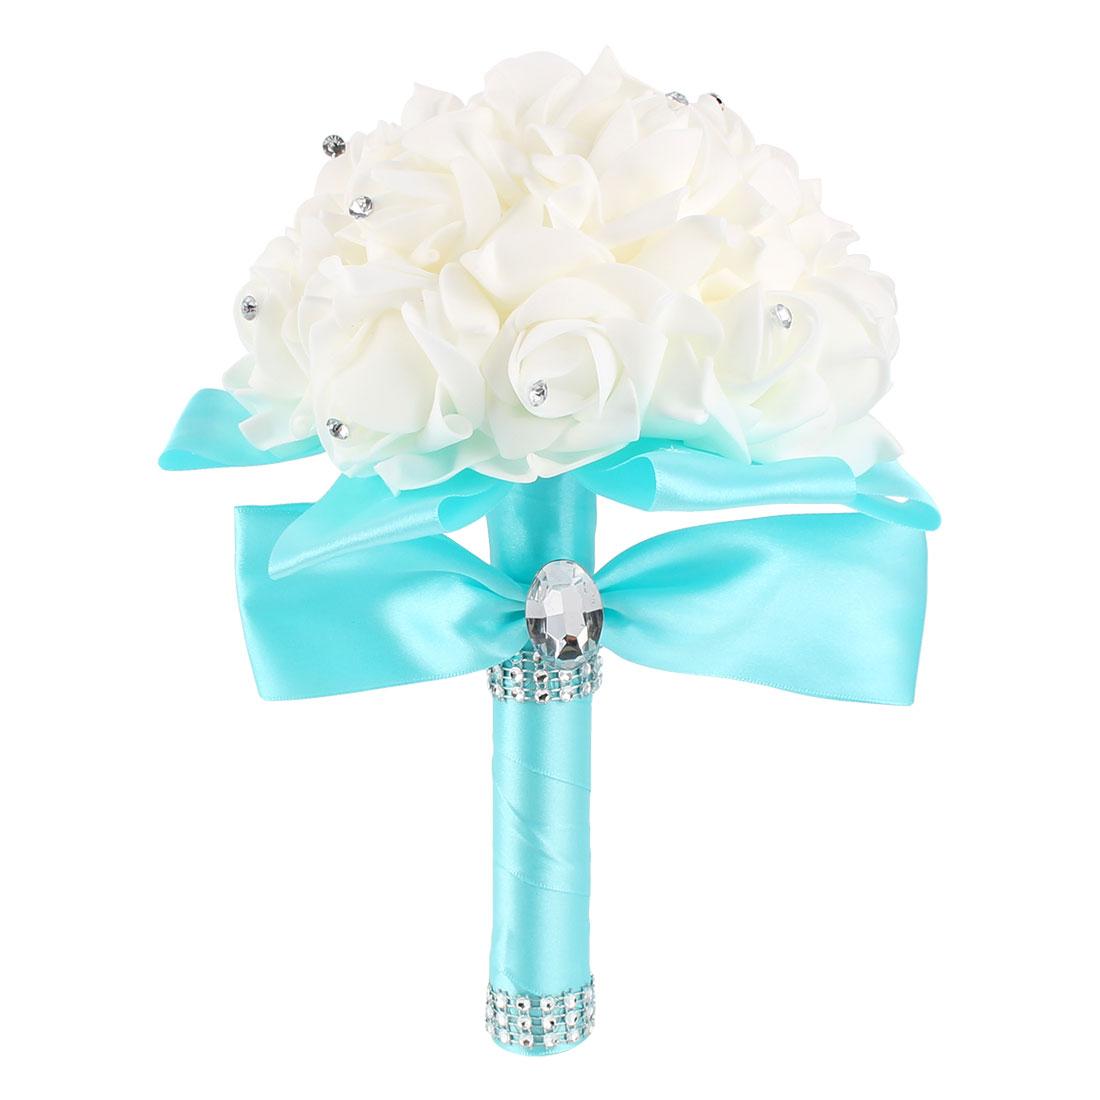 Bridal Wedding Bridesmaid Rose Bouquet Room Decor Foam Globular Artificial Flower Cyan